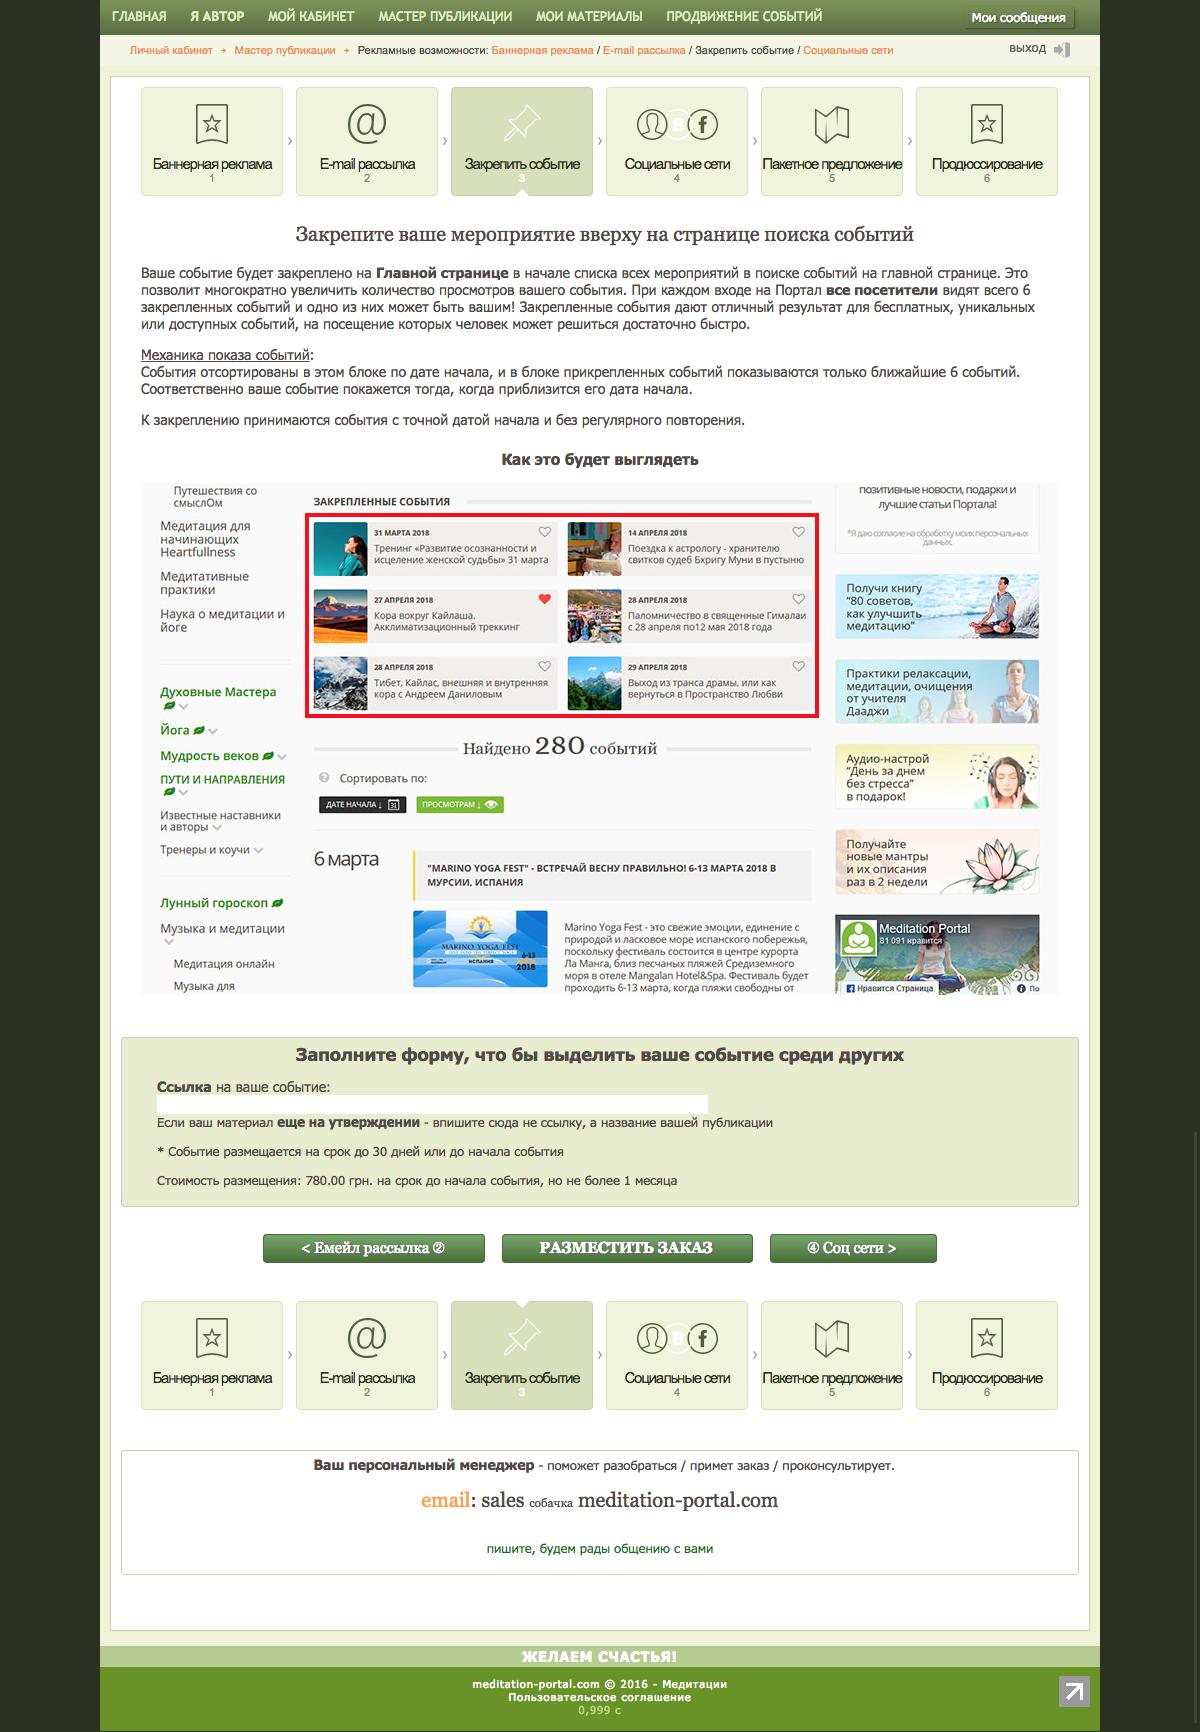 master-publikacii-i-portal-meds